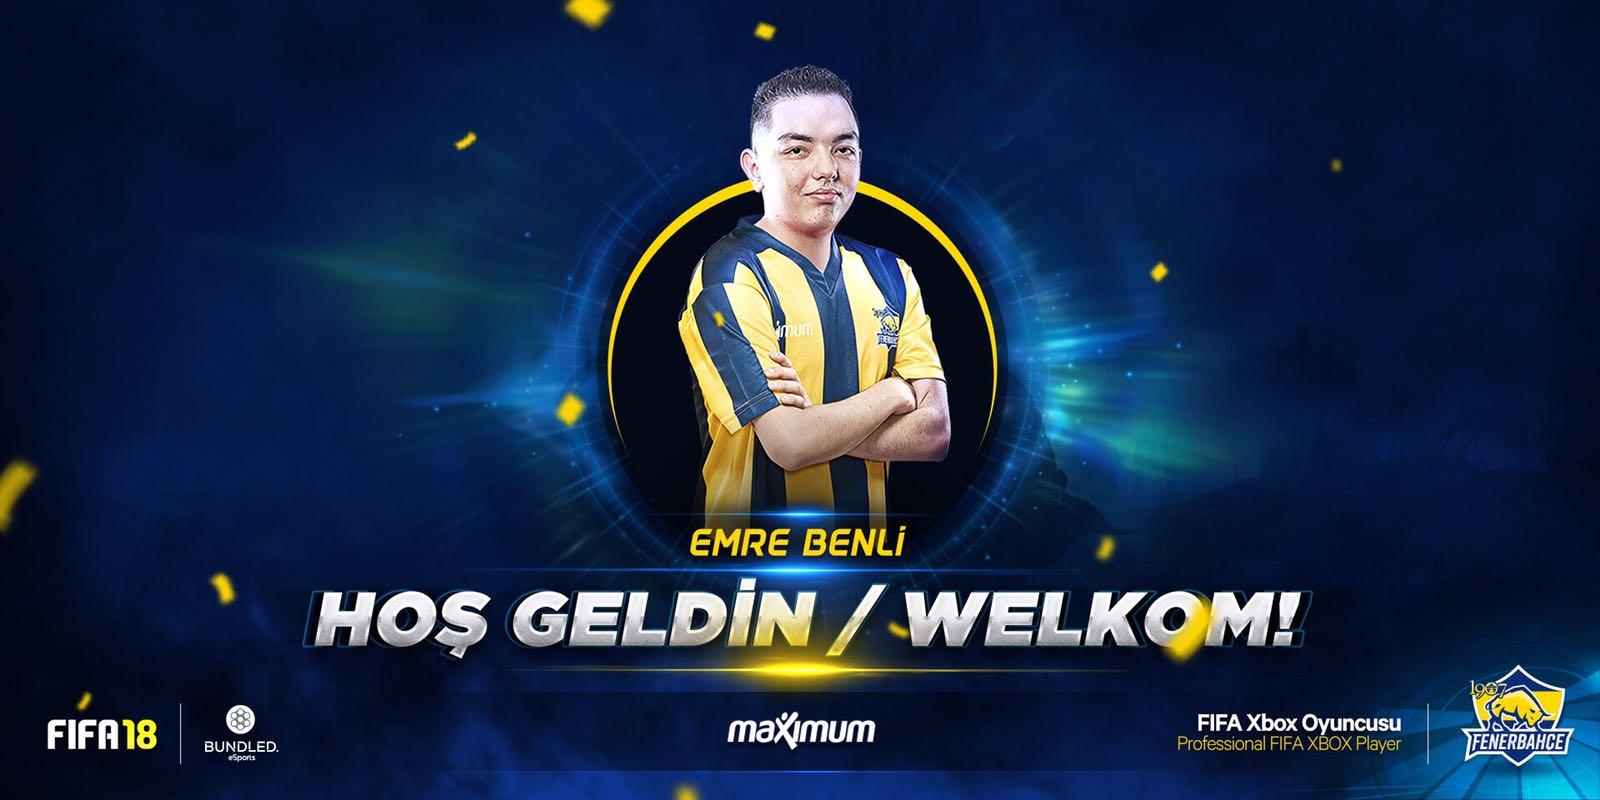 Emre Benli Makes Dream Transfer To Fenerbahçe